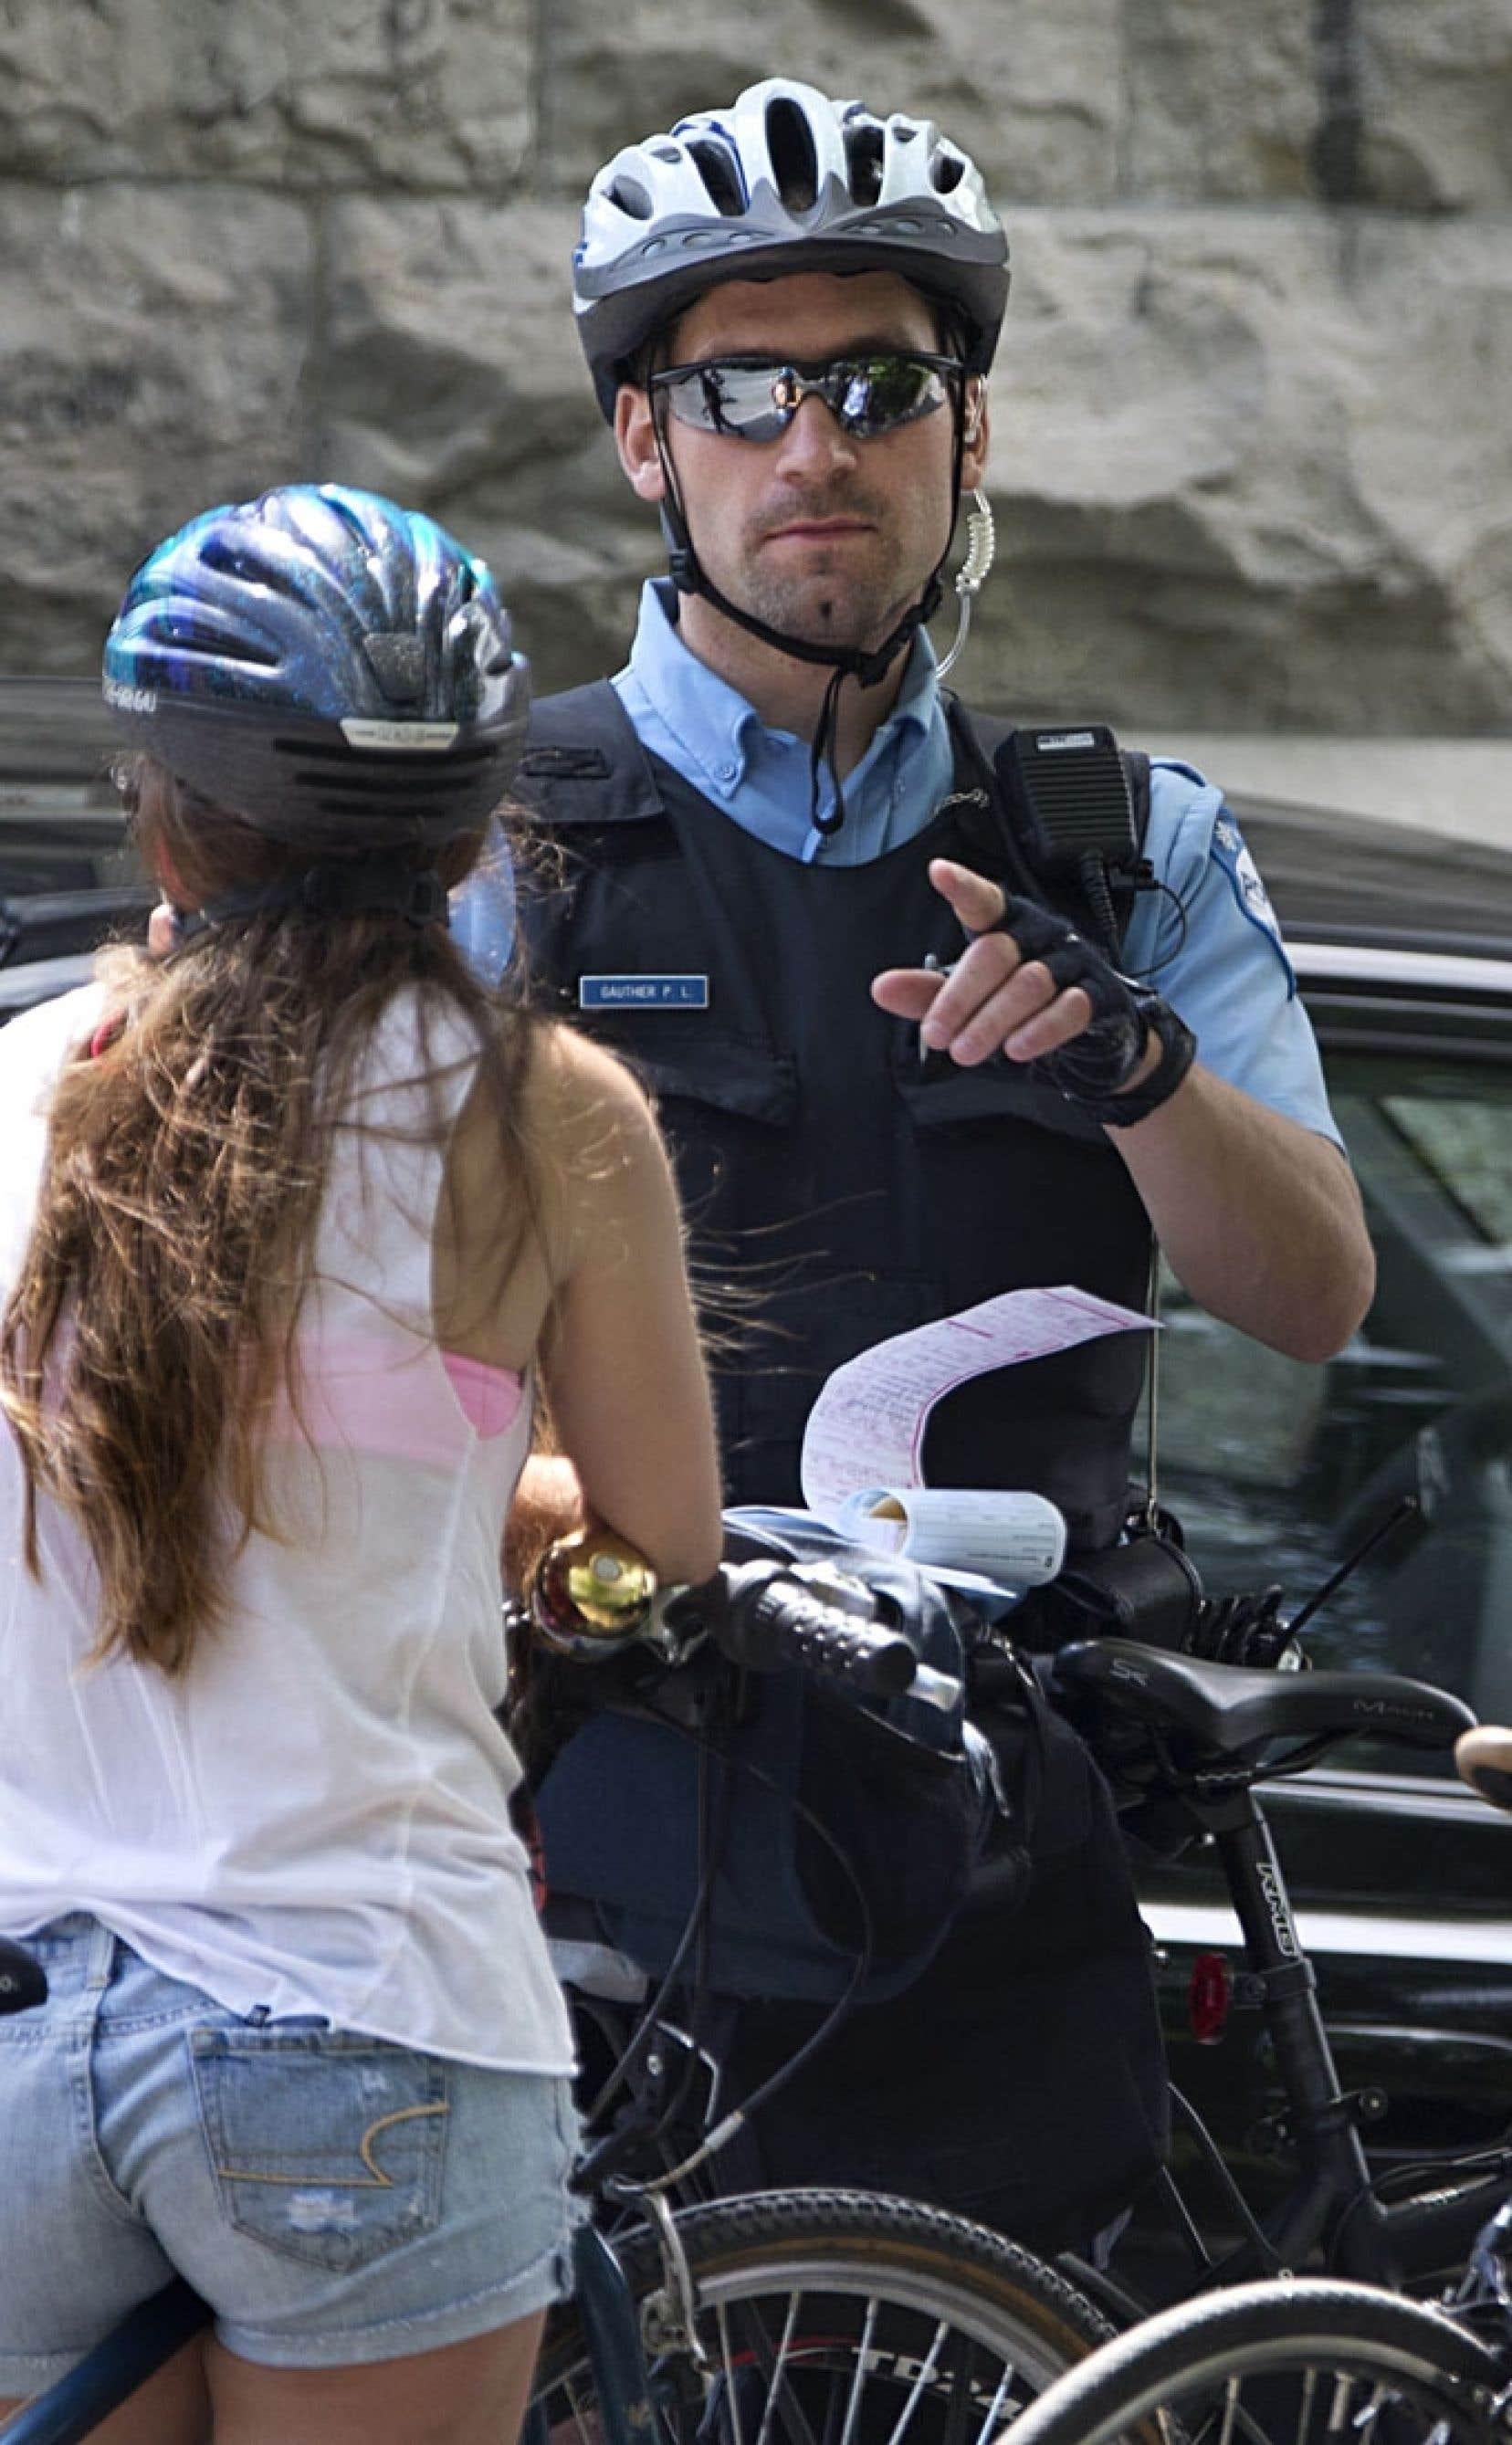 Les opérations policières visant les cyclistes se multiplient à Montréal, comme ici rue Rachel. «Oui, il est possible de se faire intercepter par la police quand on est un cycliste, rappelle l'inspecteur André Durocher, du SPVM. Les cyclistes ont peur de se faire intercepter, c'est ce qu'on veut. »